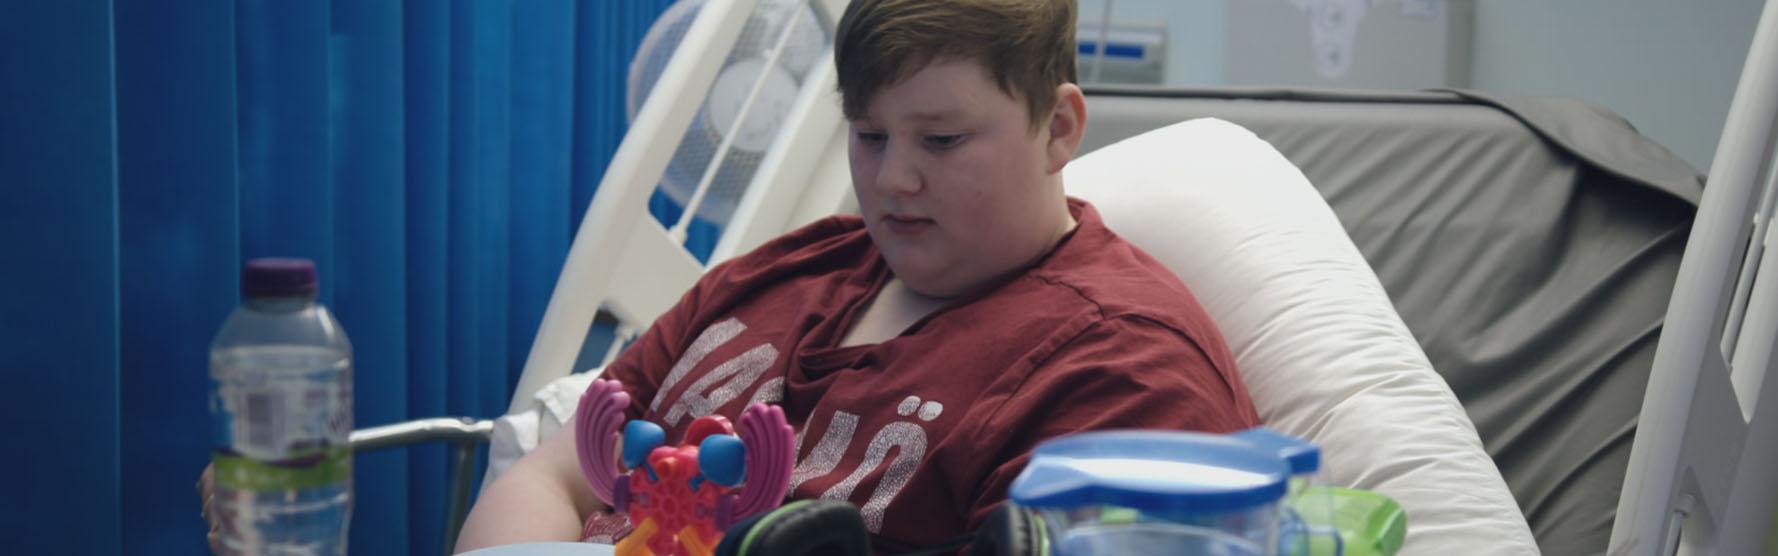 100 Kilo Kids: Obesity SOS